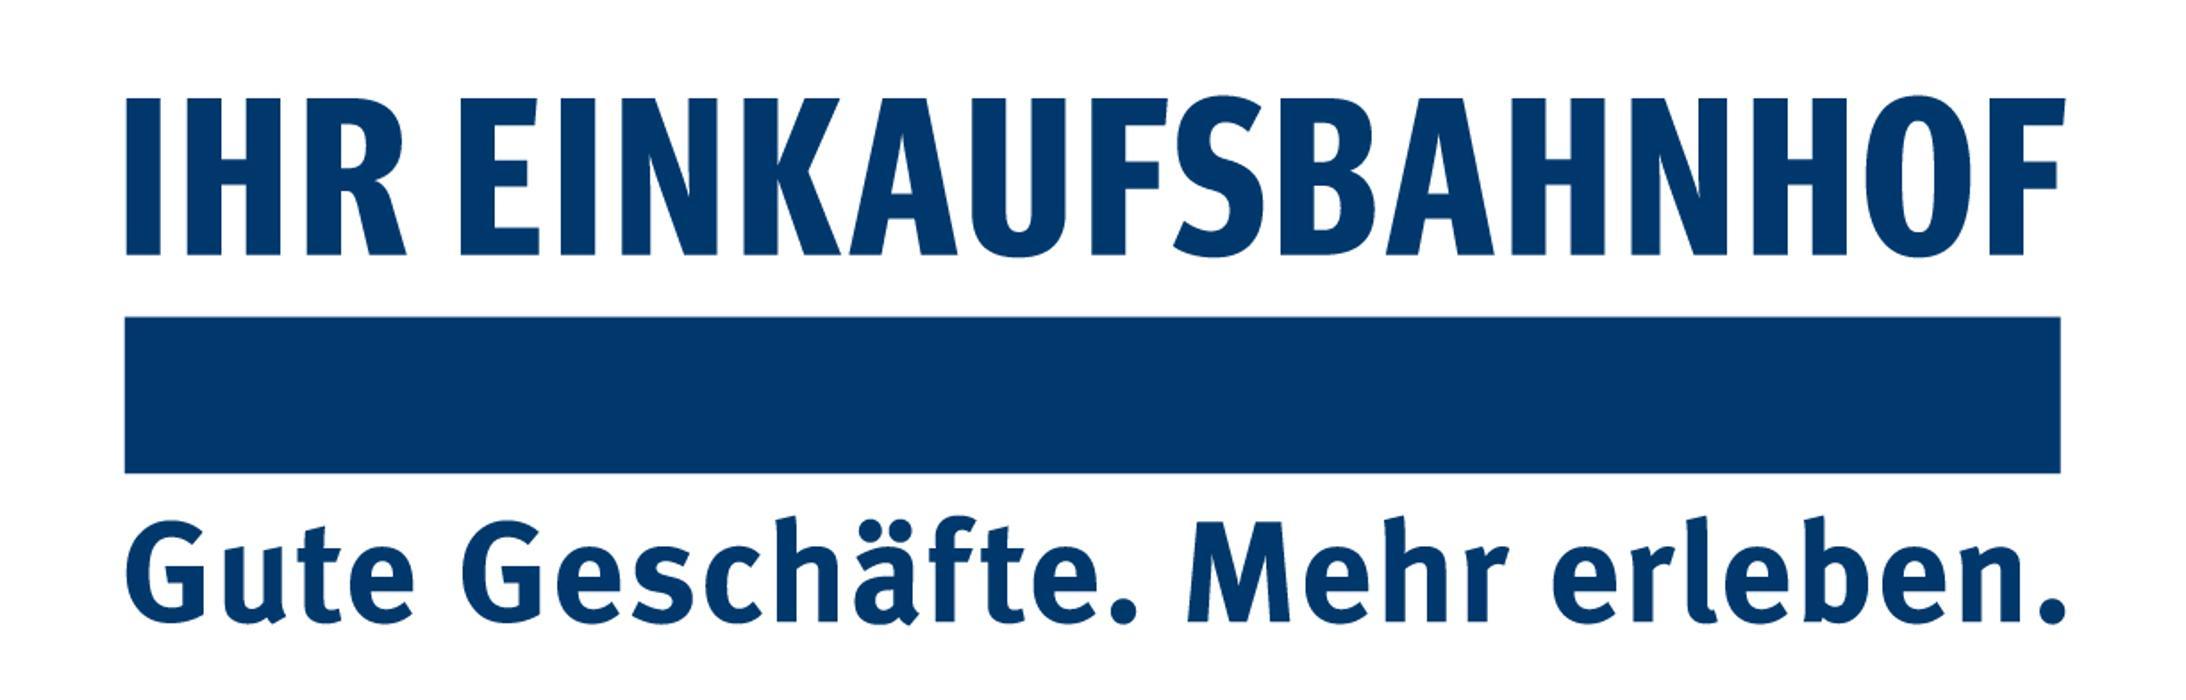 Einkaufsbahnhof München Hbf